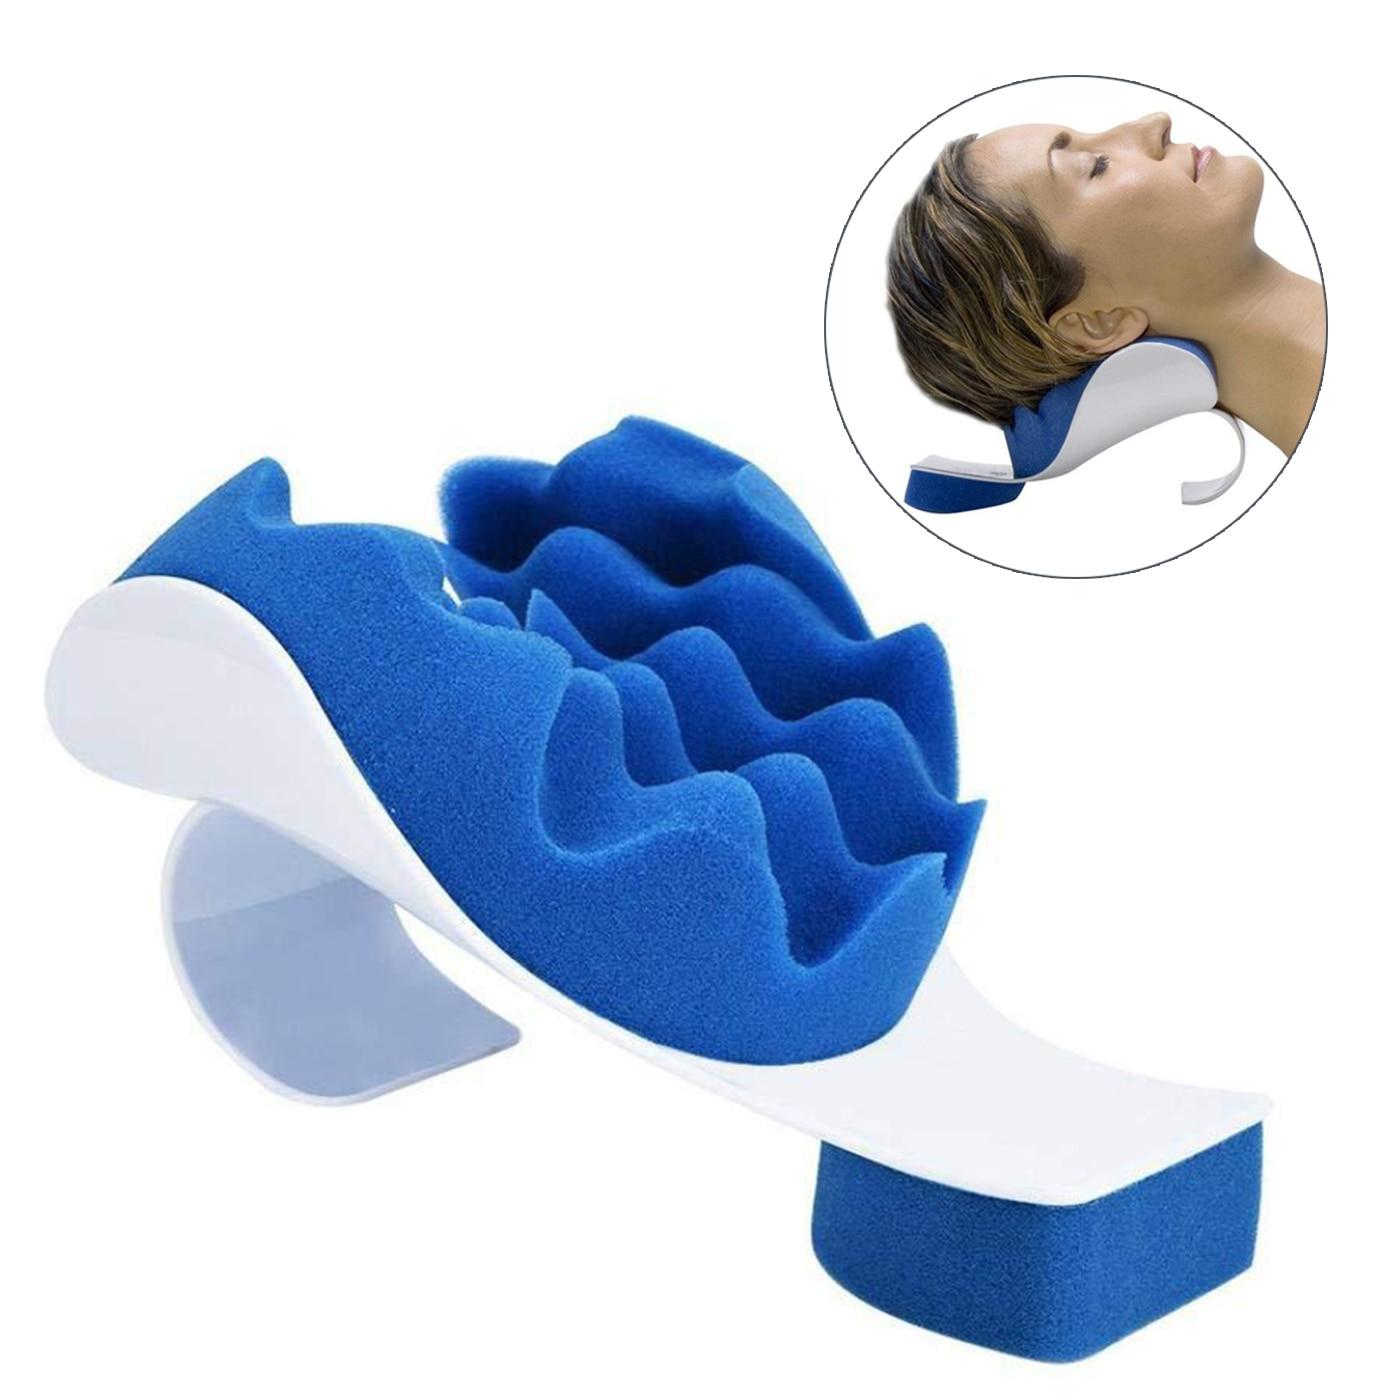 Neck Massage Pillow Neck And Shoulder Massage Pillow Pain Relief Pillow Neck Shoulder Support Travel Pillow Neck Massager